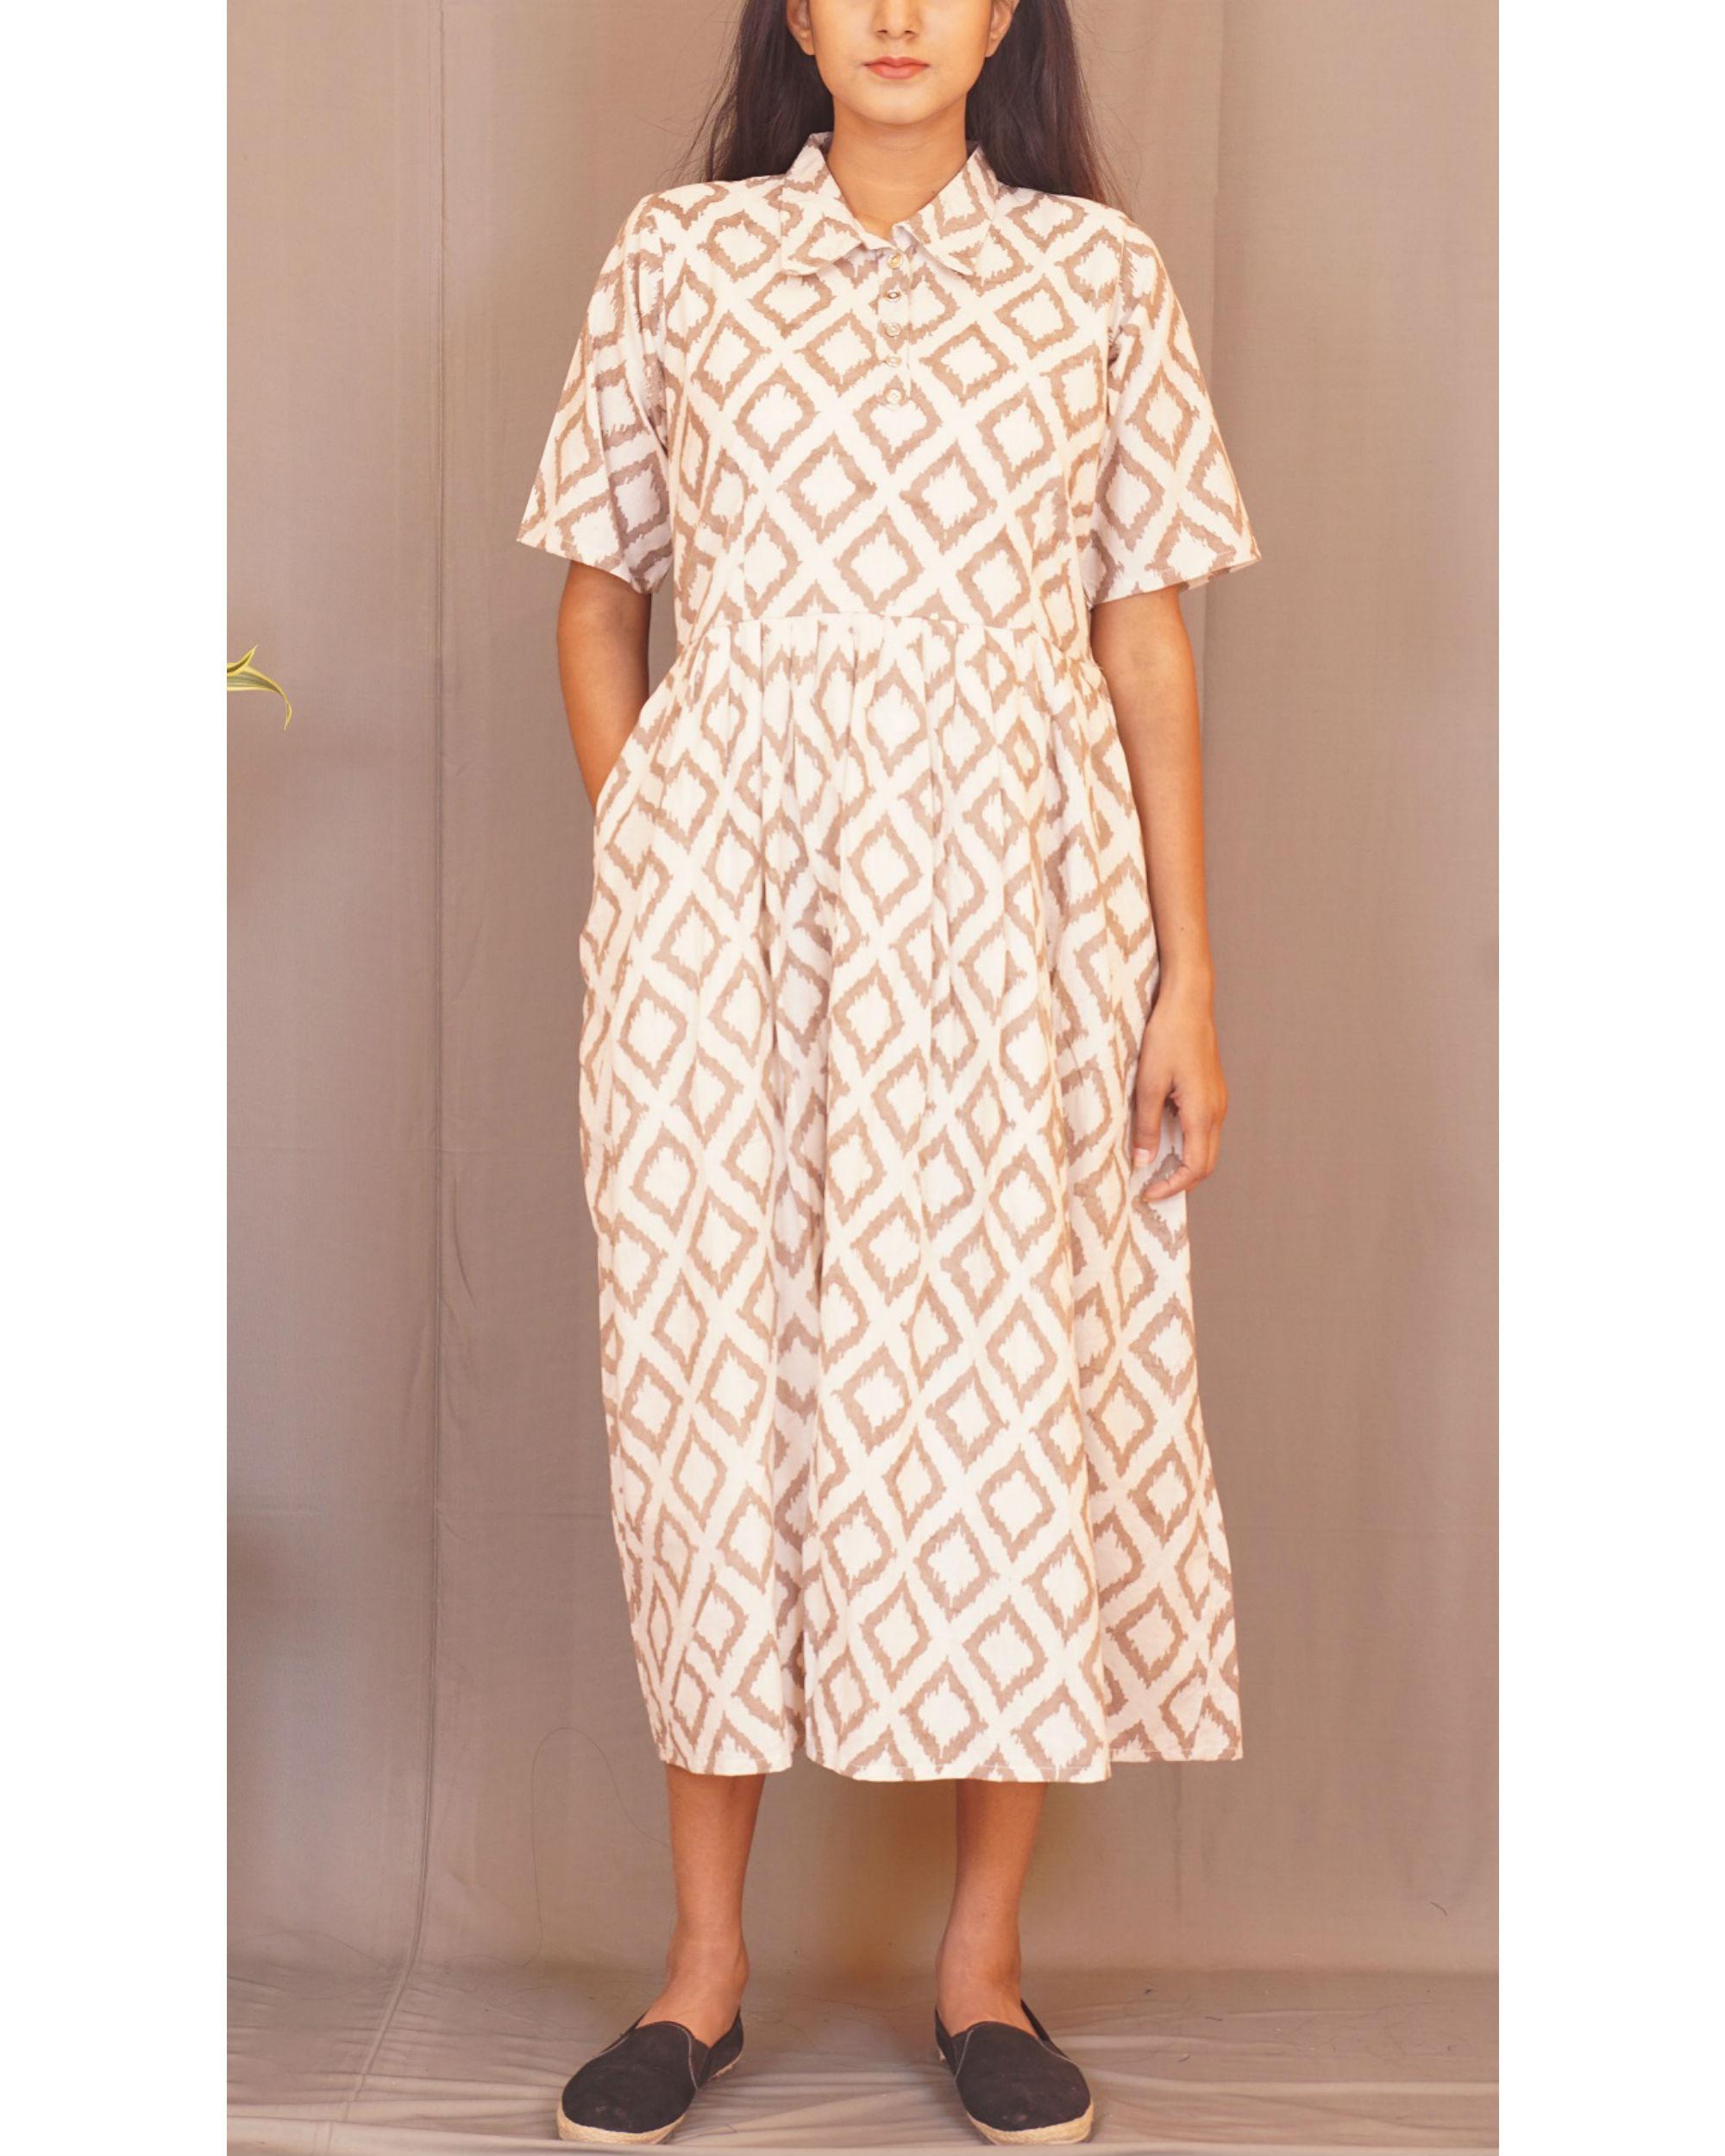 Beige rhombus print dress